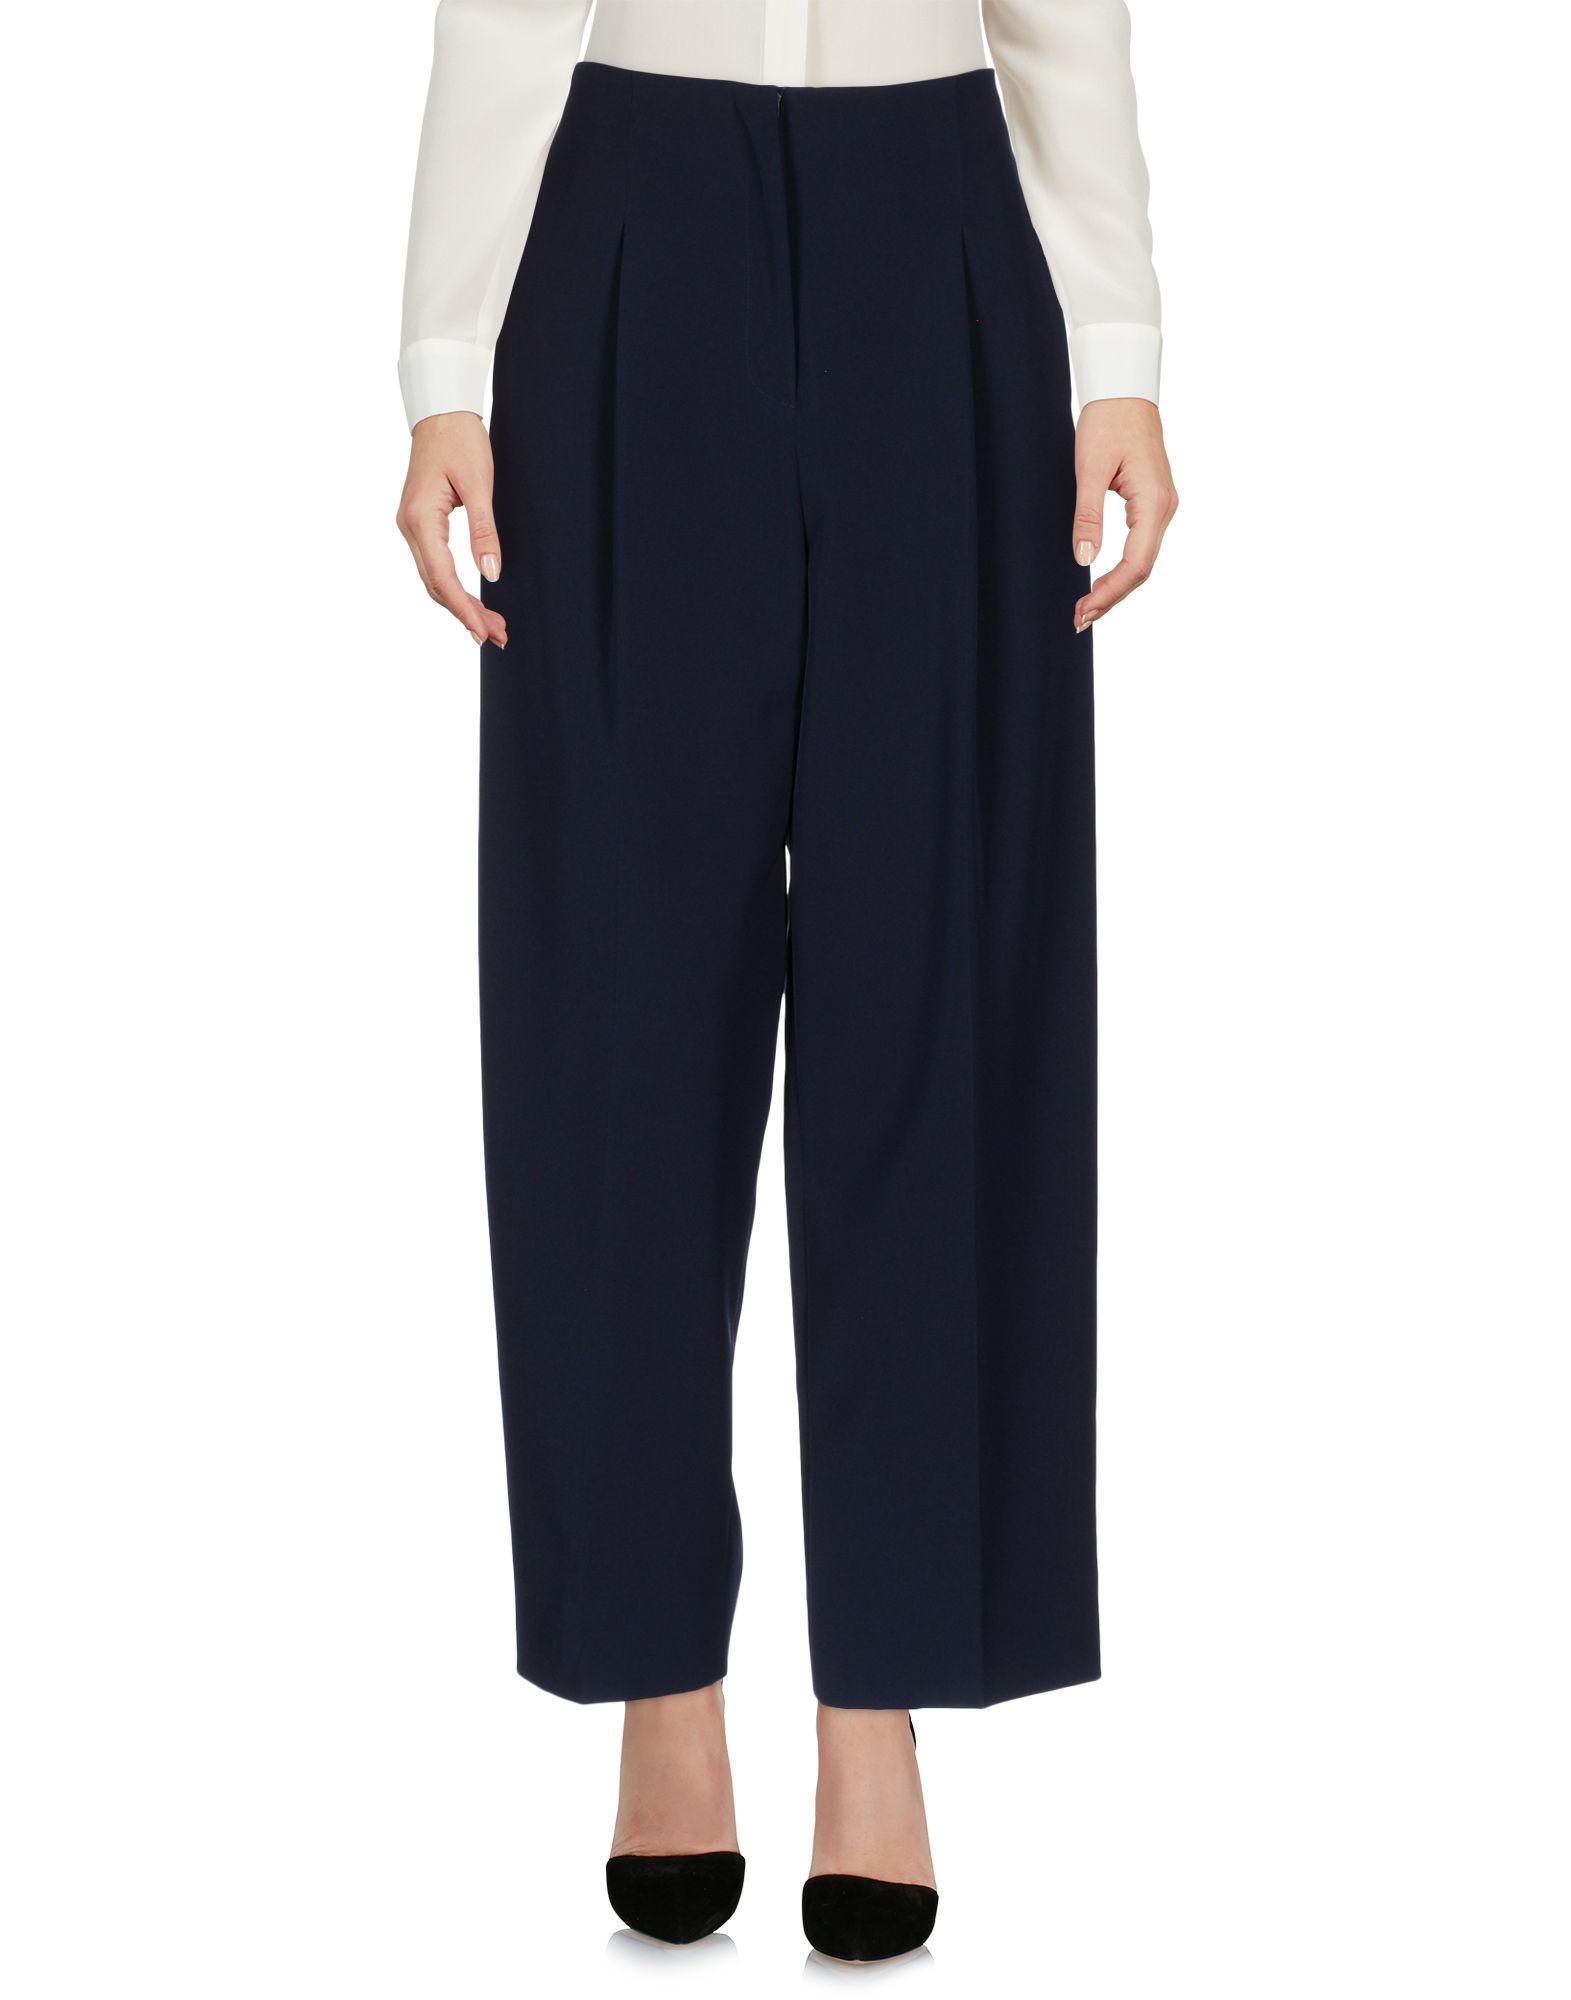 PARDEN'S Casual Pants in Dark Blue